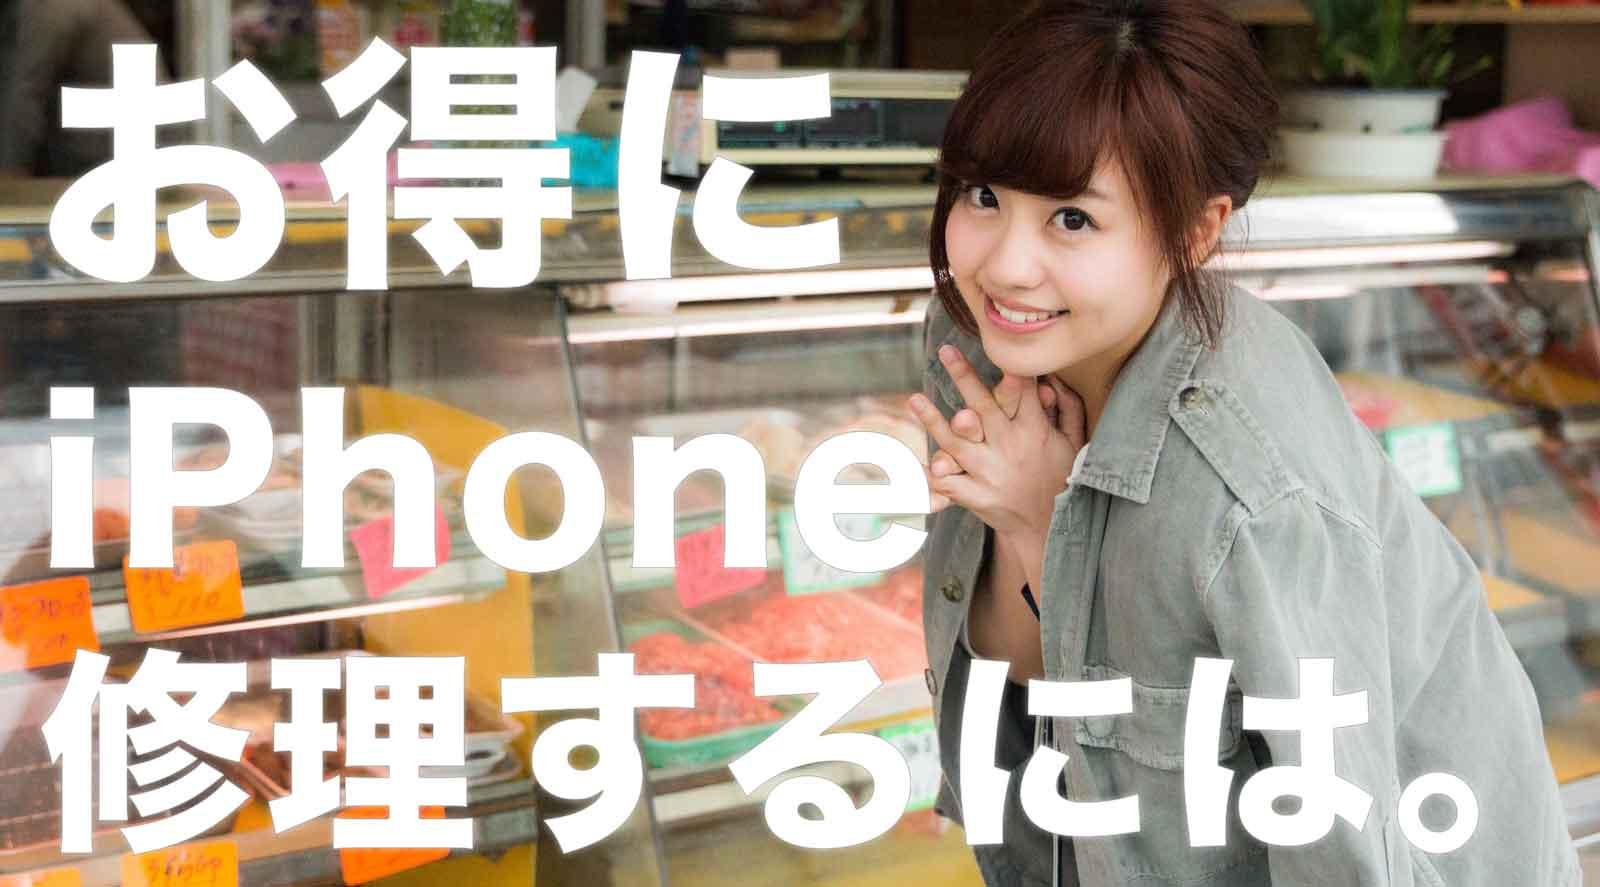 お得にiPhoneする方法